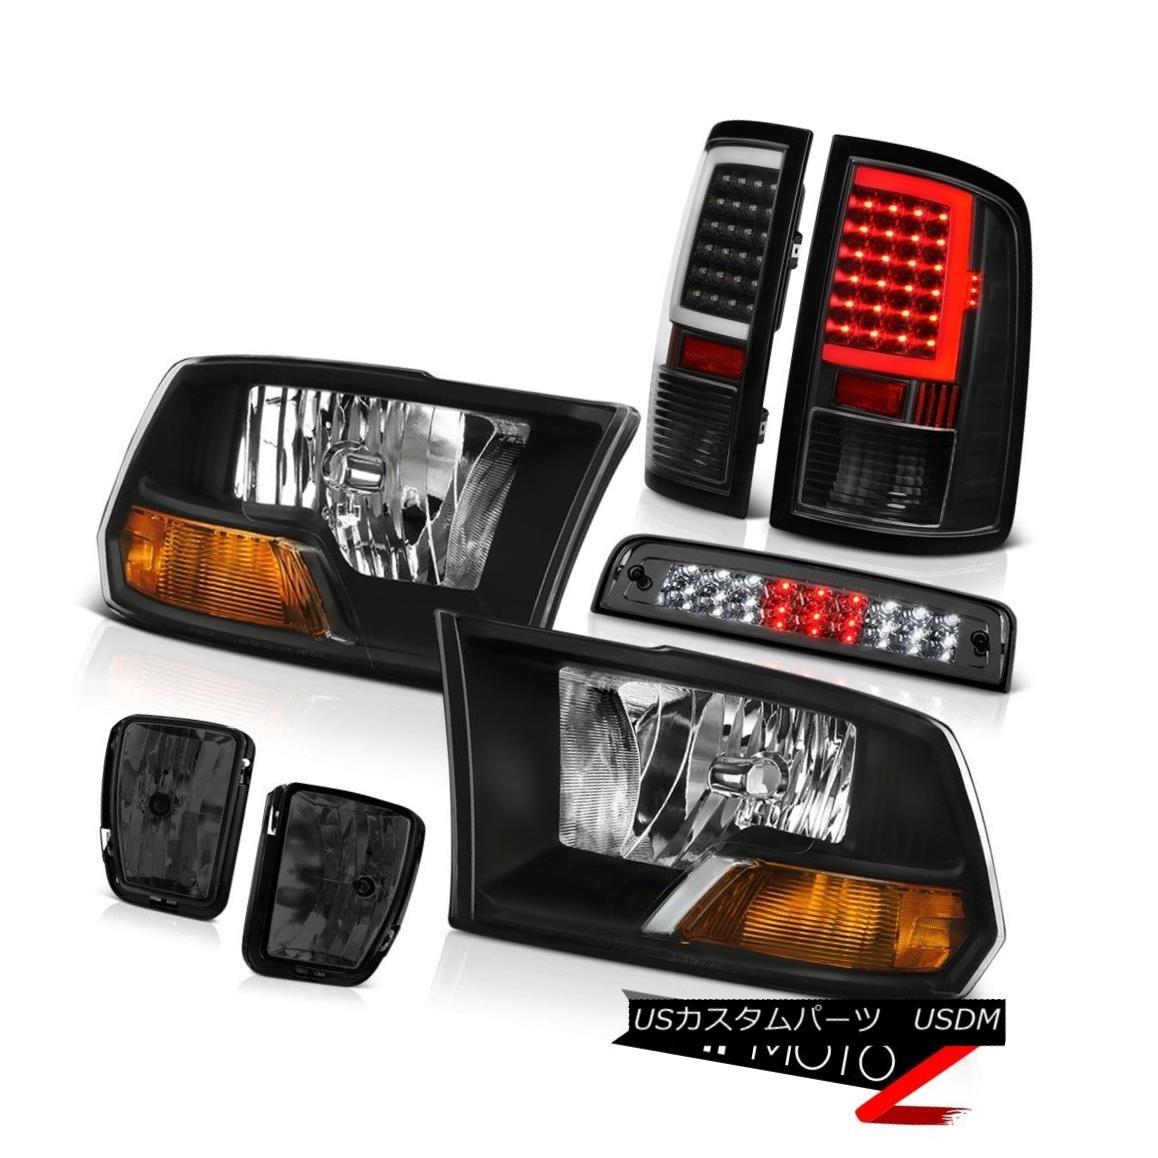 魅力の テールライト Dodge 13-18 Dodge RAM 1500 Tail Lamps Head Driving Brake Style Lights Factory Style Head Light 13-18ダッジRAM 1500テールランプブレーキングライト工場スタイルヘッドライト, 背が高く見える靴専門店TUSKER:1ea843c9 --- esef.localized.me